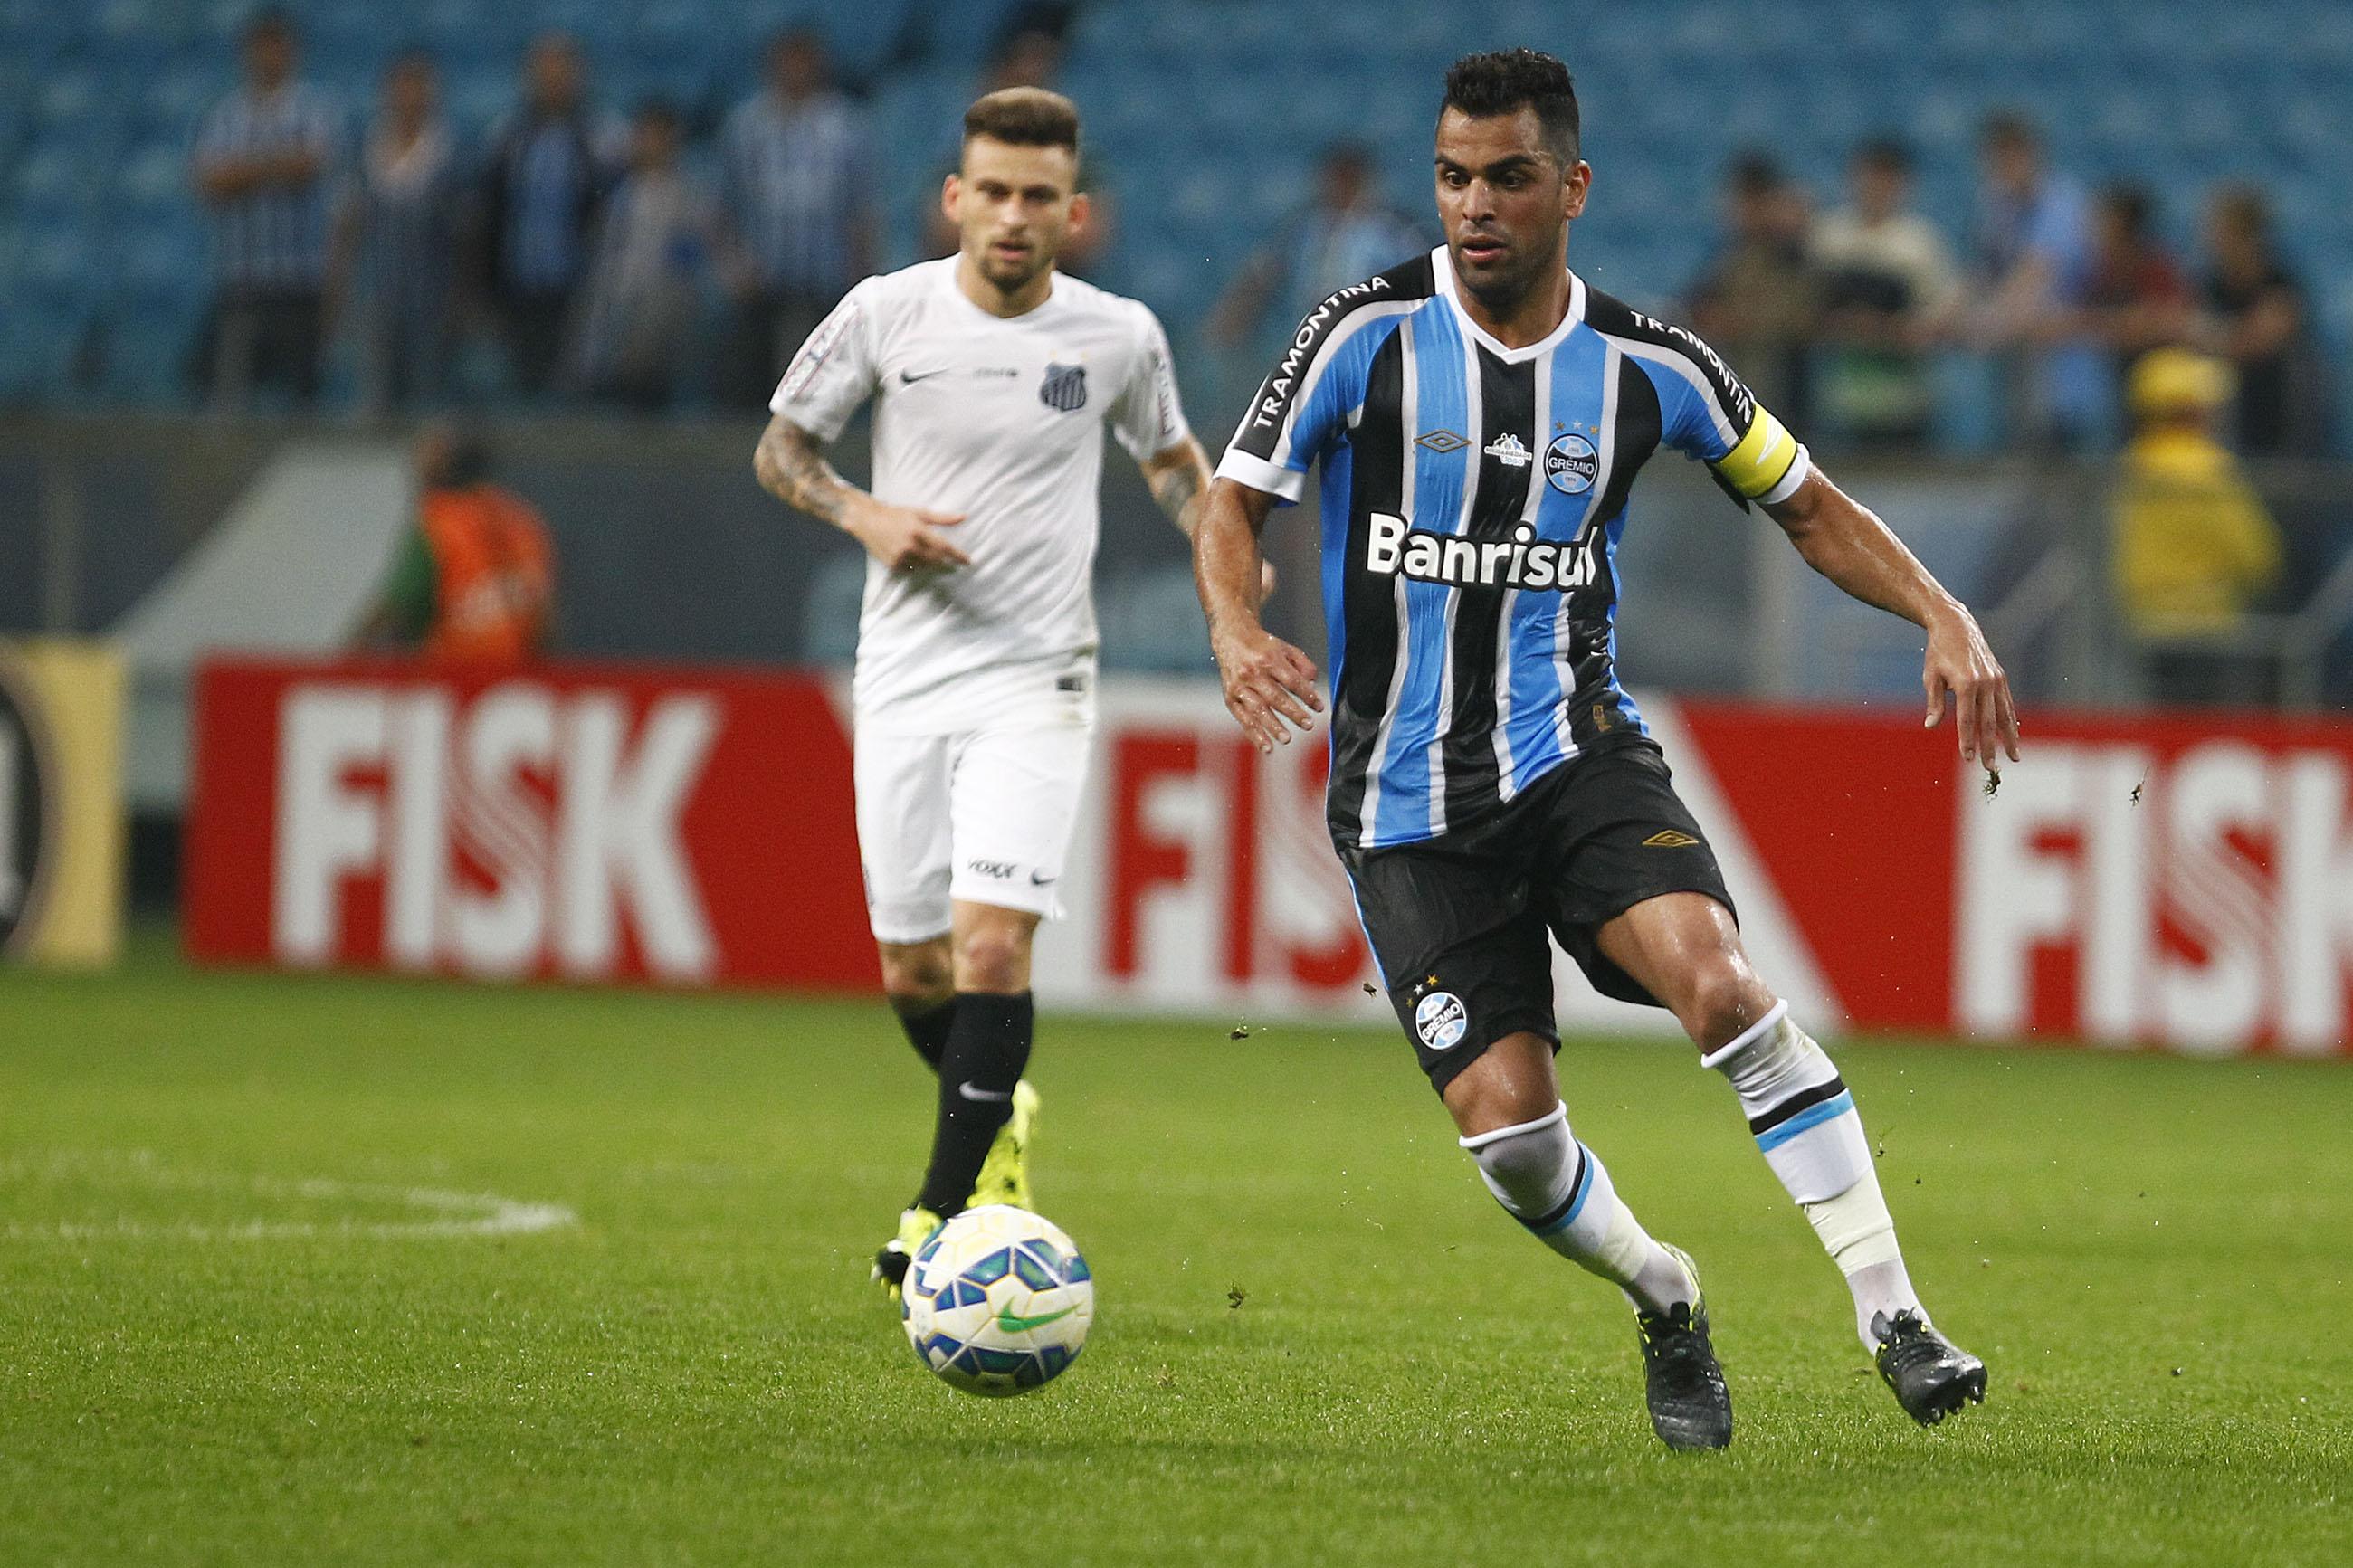 Presidente do Grêmio garante que Maicon e Geromel ficam para 2016 6674bbbaf32a1